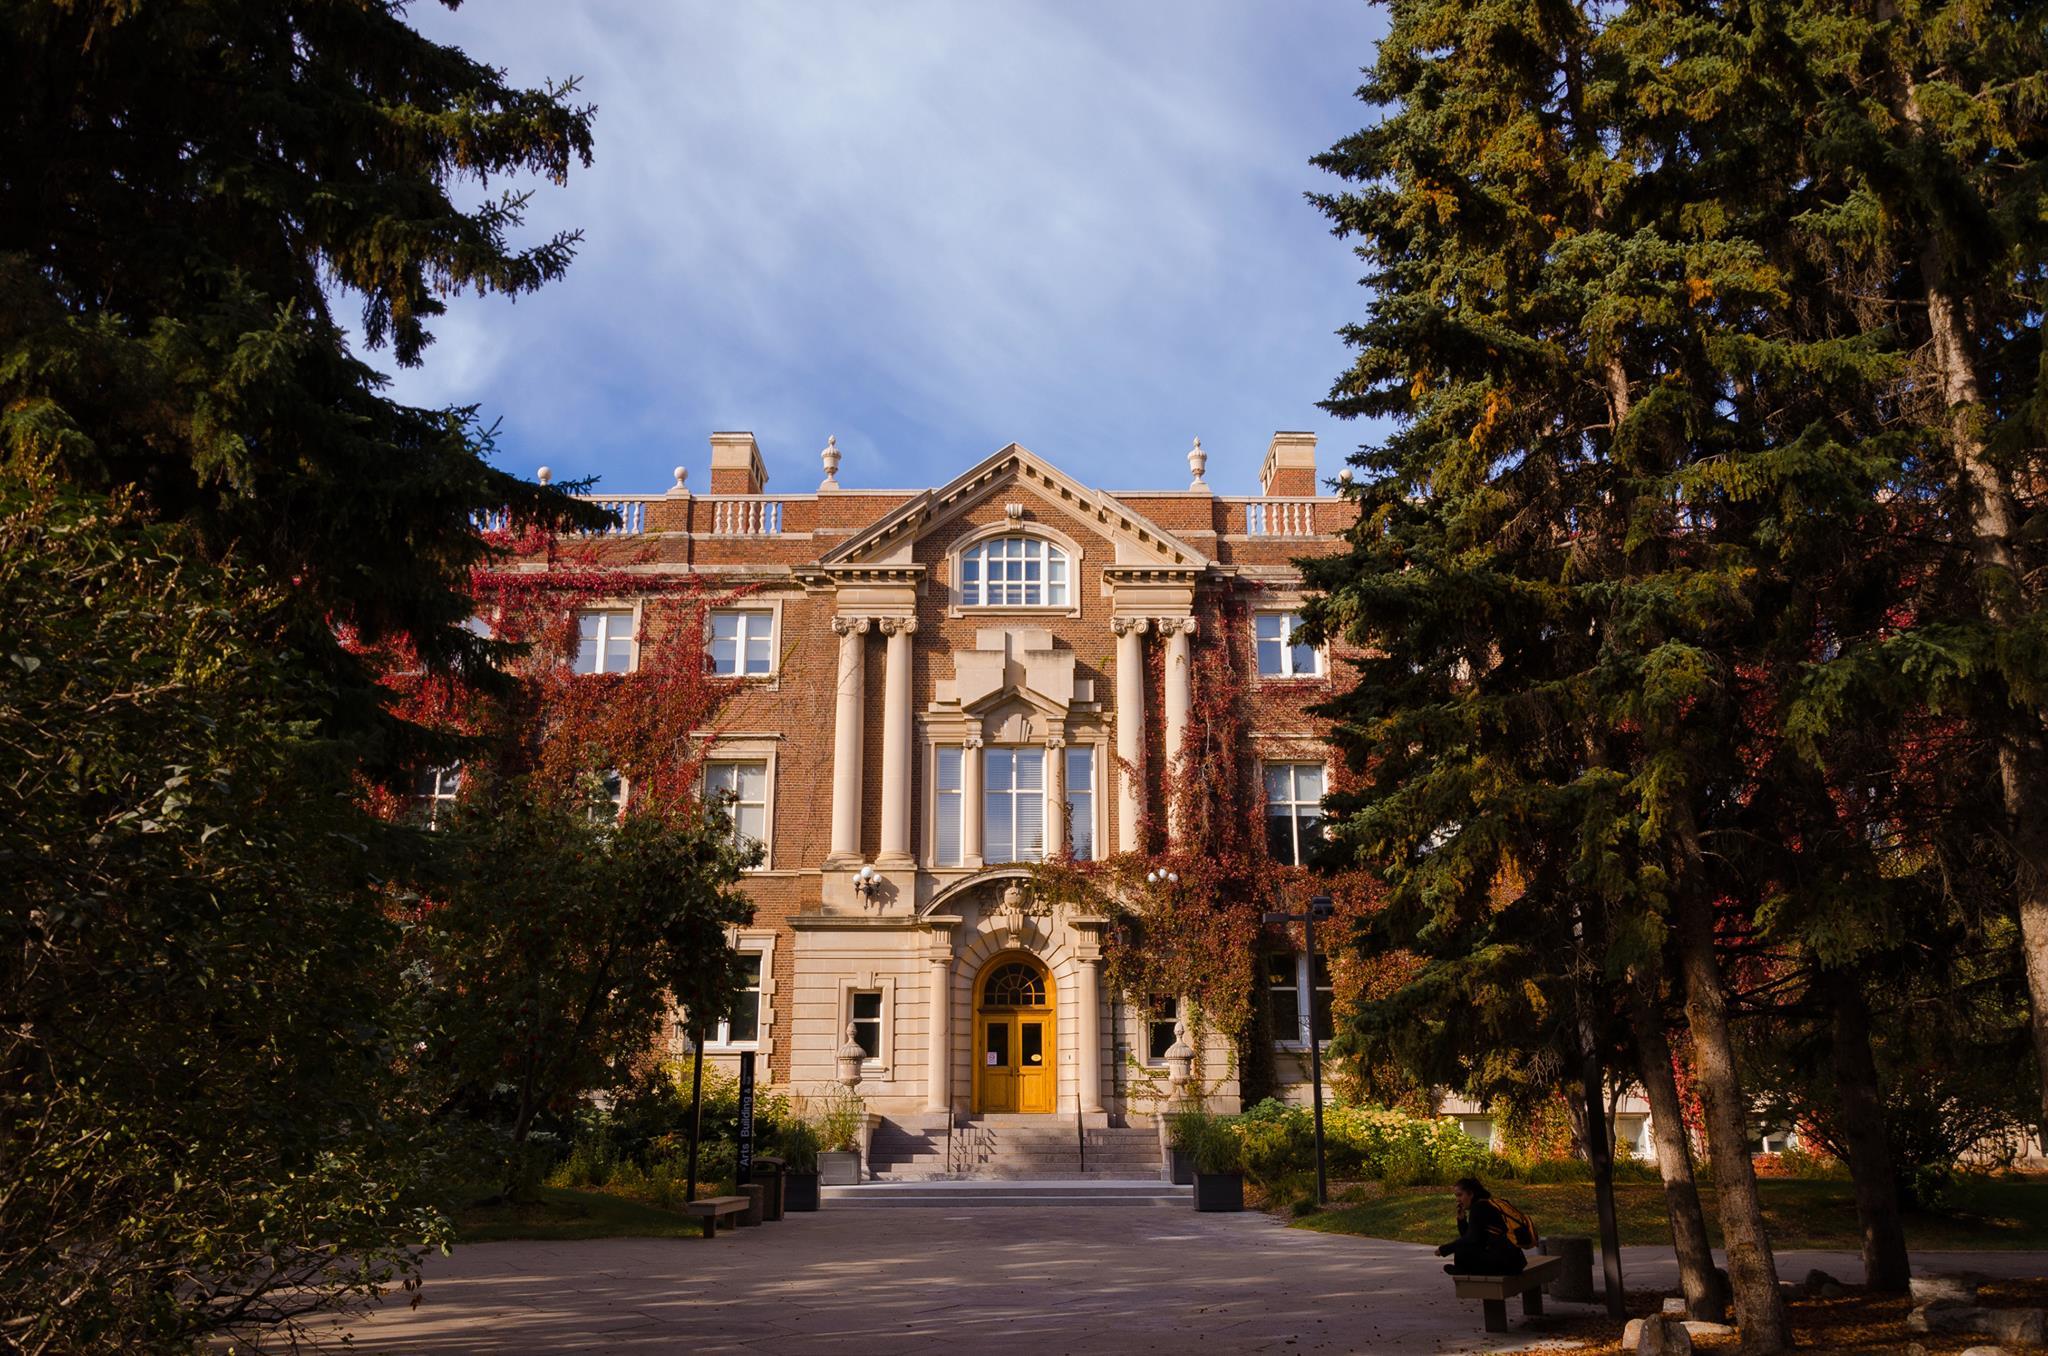 جامعة ألبرتا – University of Alberta